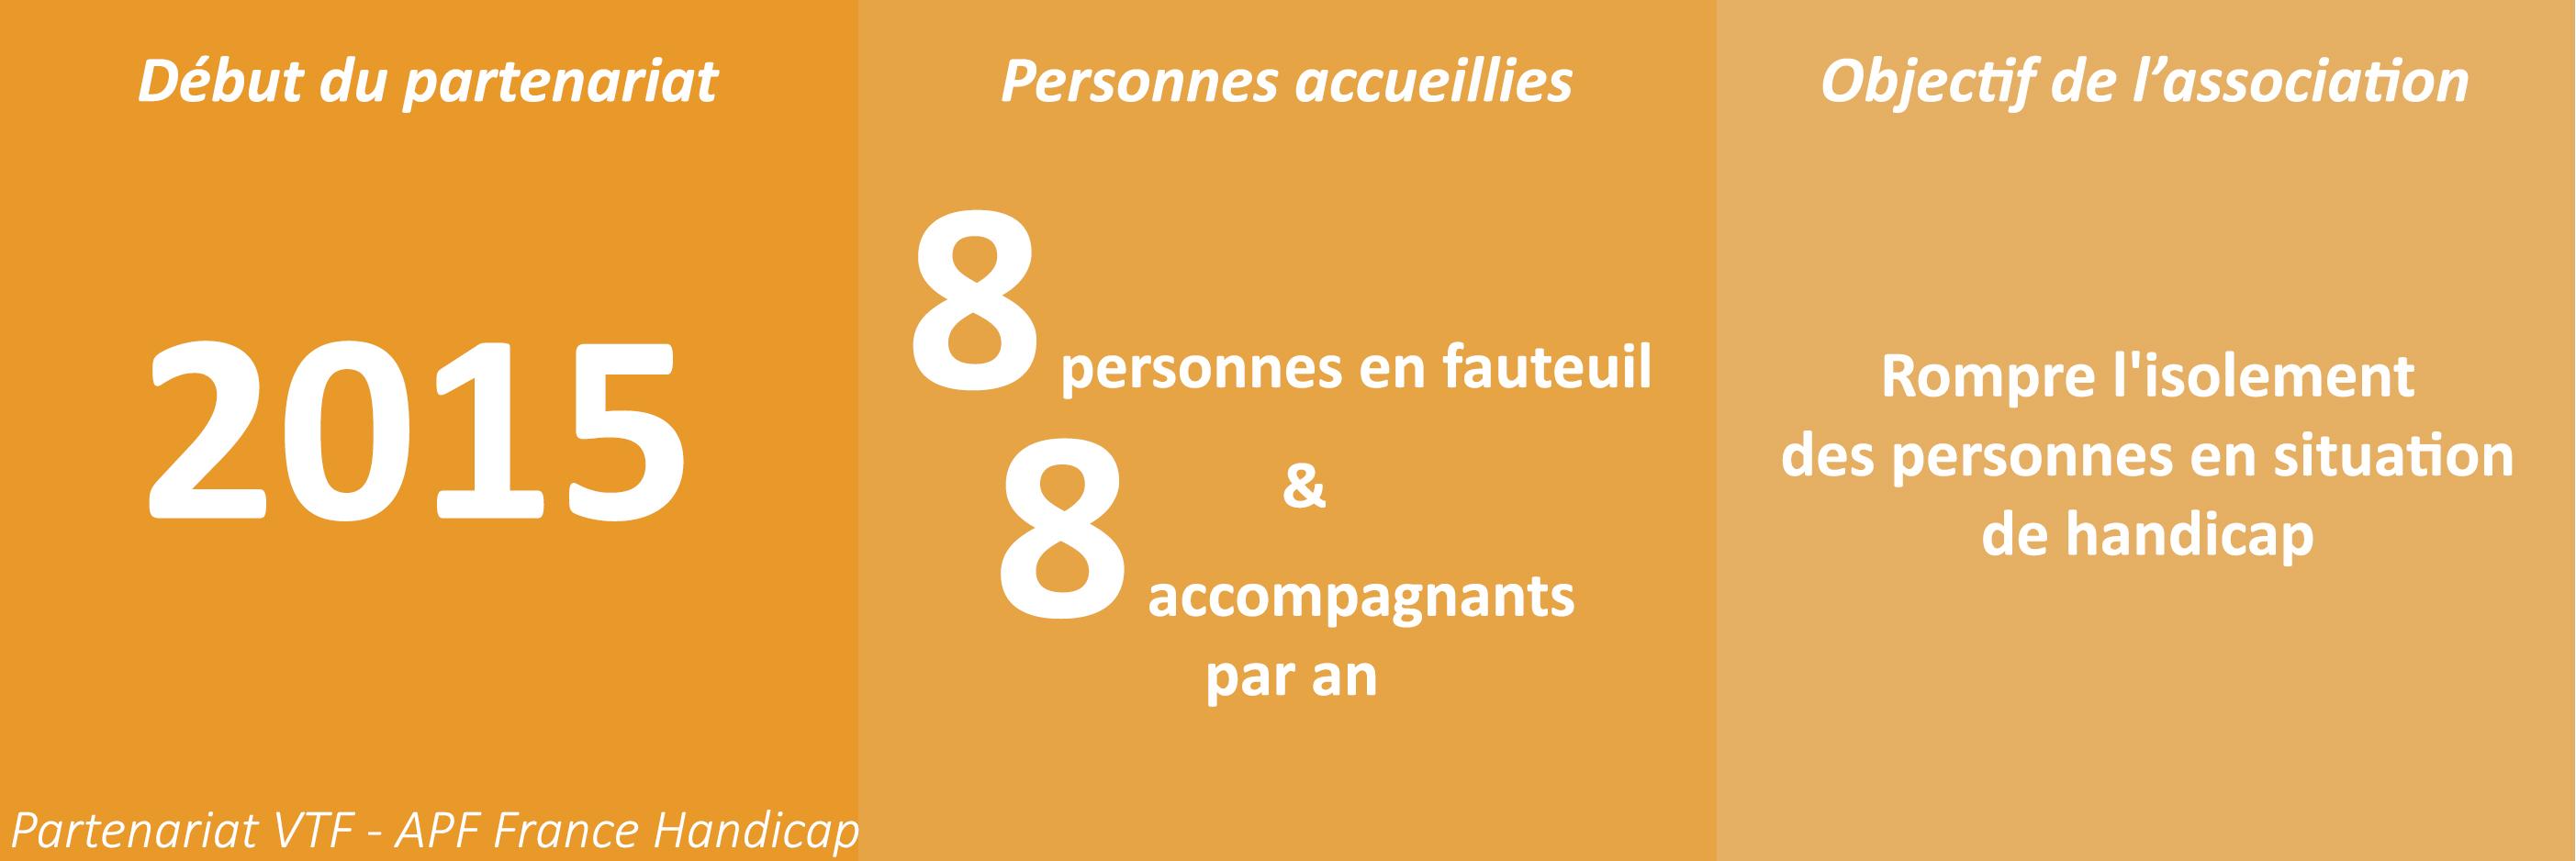 Partenariat VTF - APF France Handicap. Début du partenariat en 2015. 8 personnes en fauteuil et 8 accompagnants accueillis par an. L'objectif de l'association est de rompre l'isolement des personnes en situation de handicap.